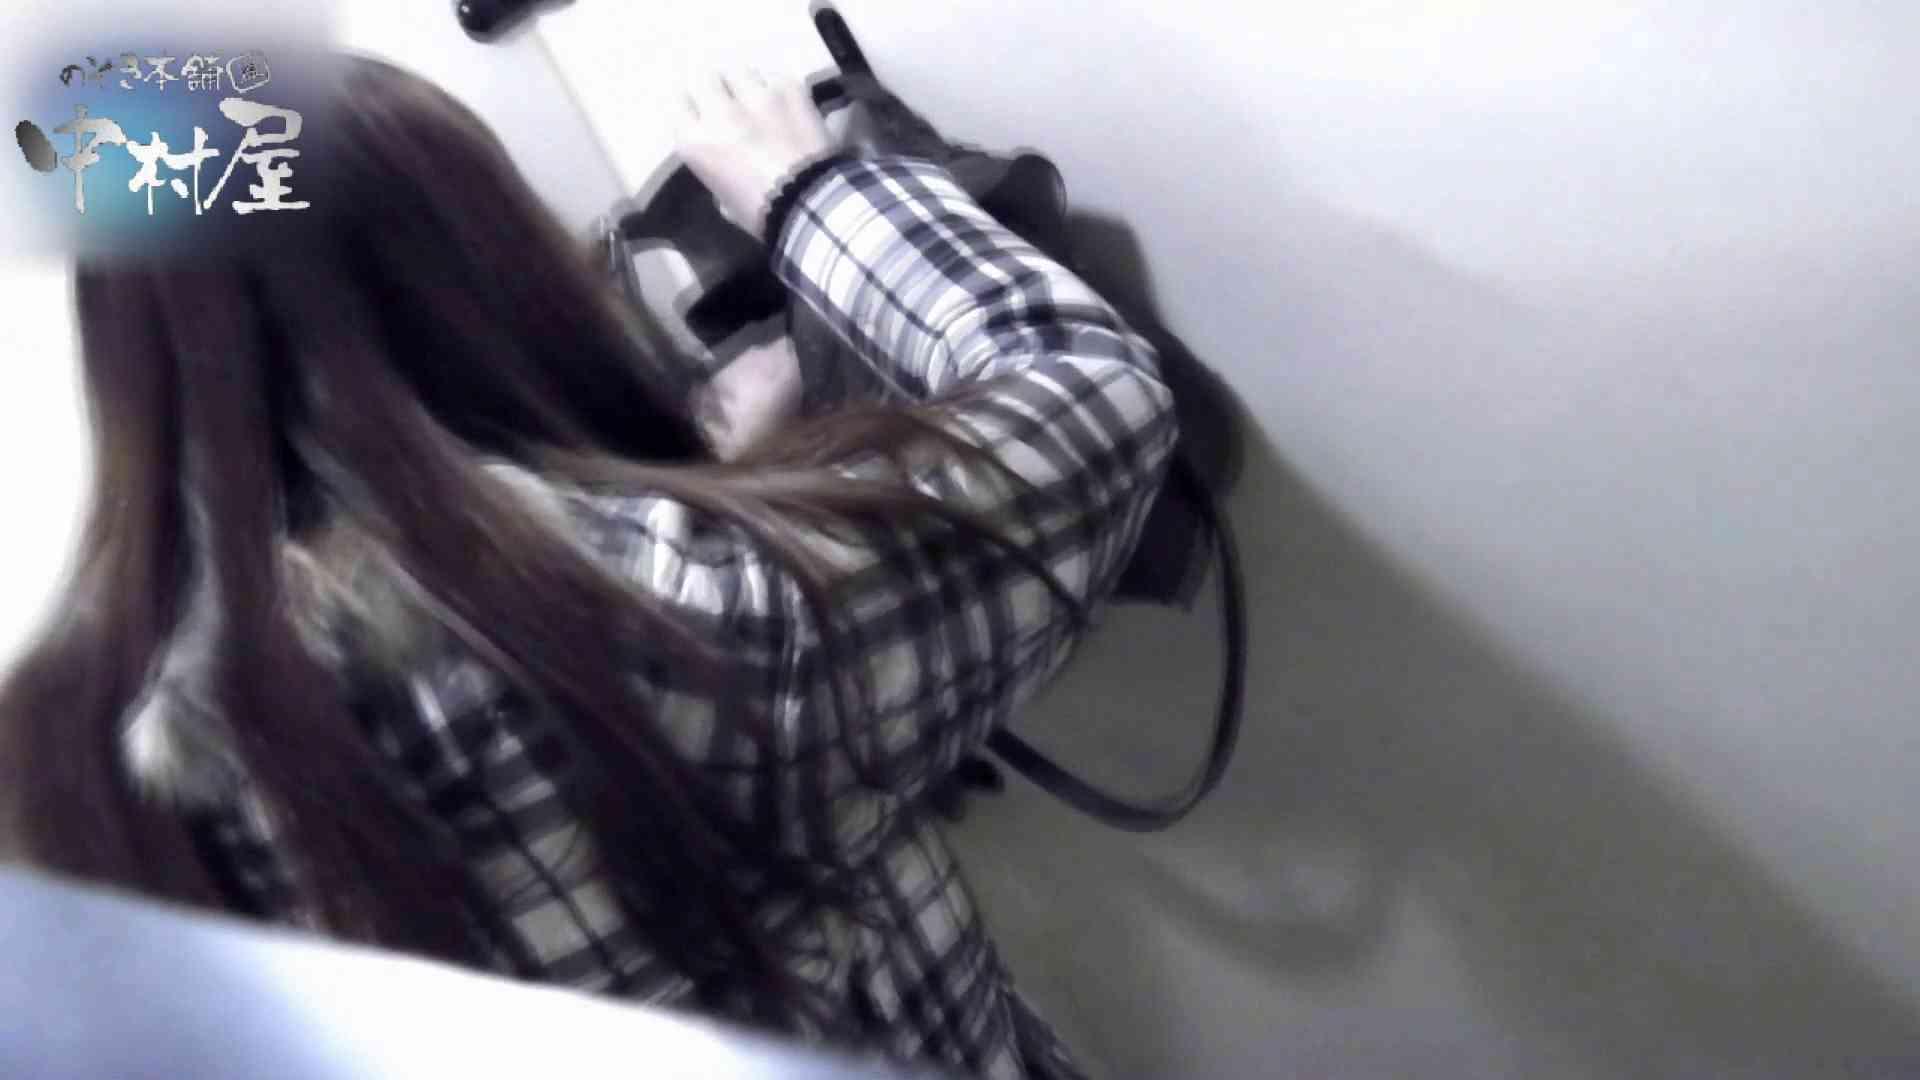 乙女集まる!ショッピングモール潜入撮vol.08 和式 すけべAV動画紹介 34連発 23